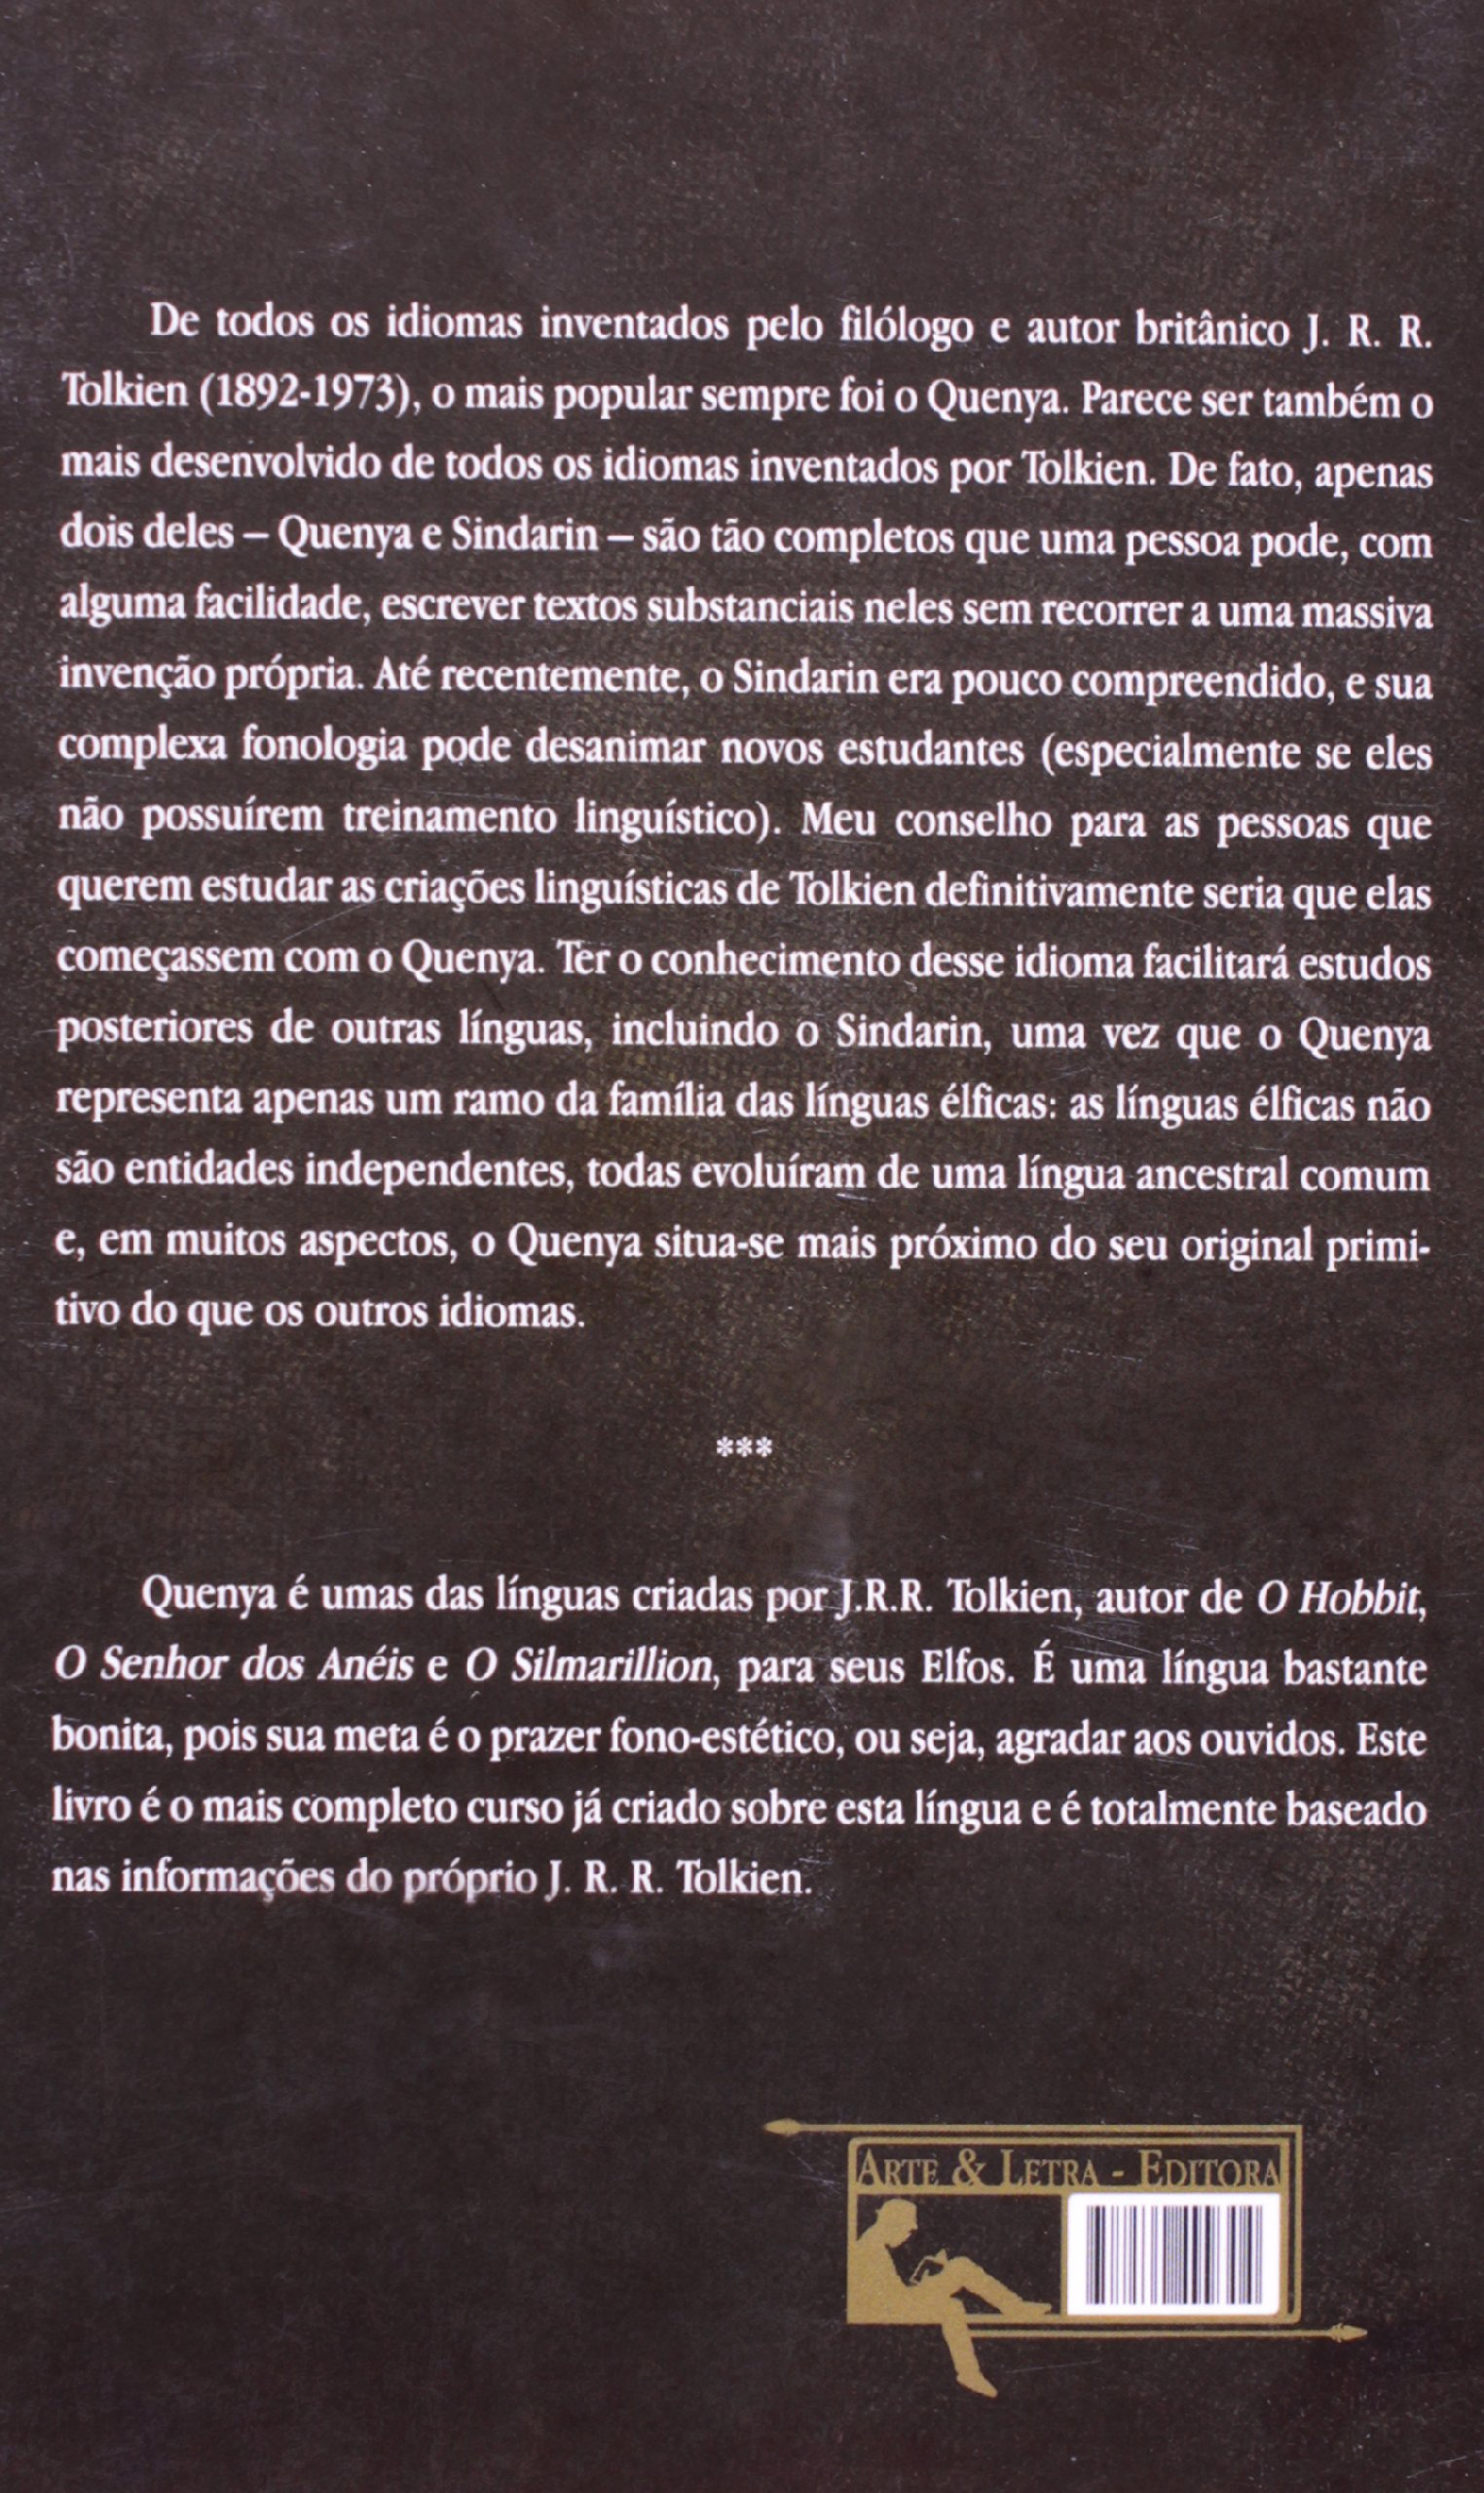 Curso de quenya a mais bela lingua dos elfos helge kare fauskanger curso de quenya a mais bela lingua dos elfos helge kare fauskanger 9788560499304 amazon books fandeluxe Choice Image